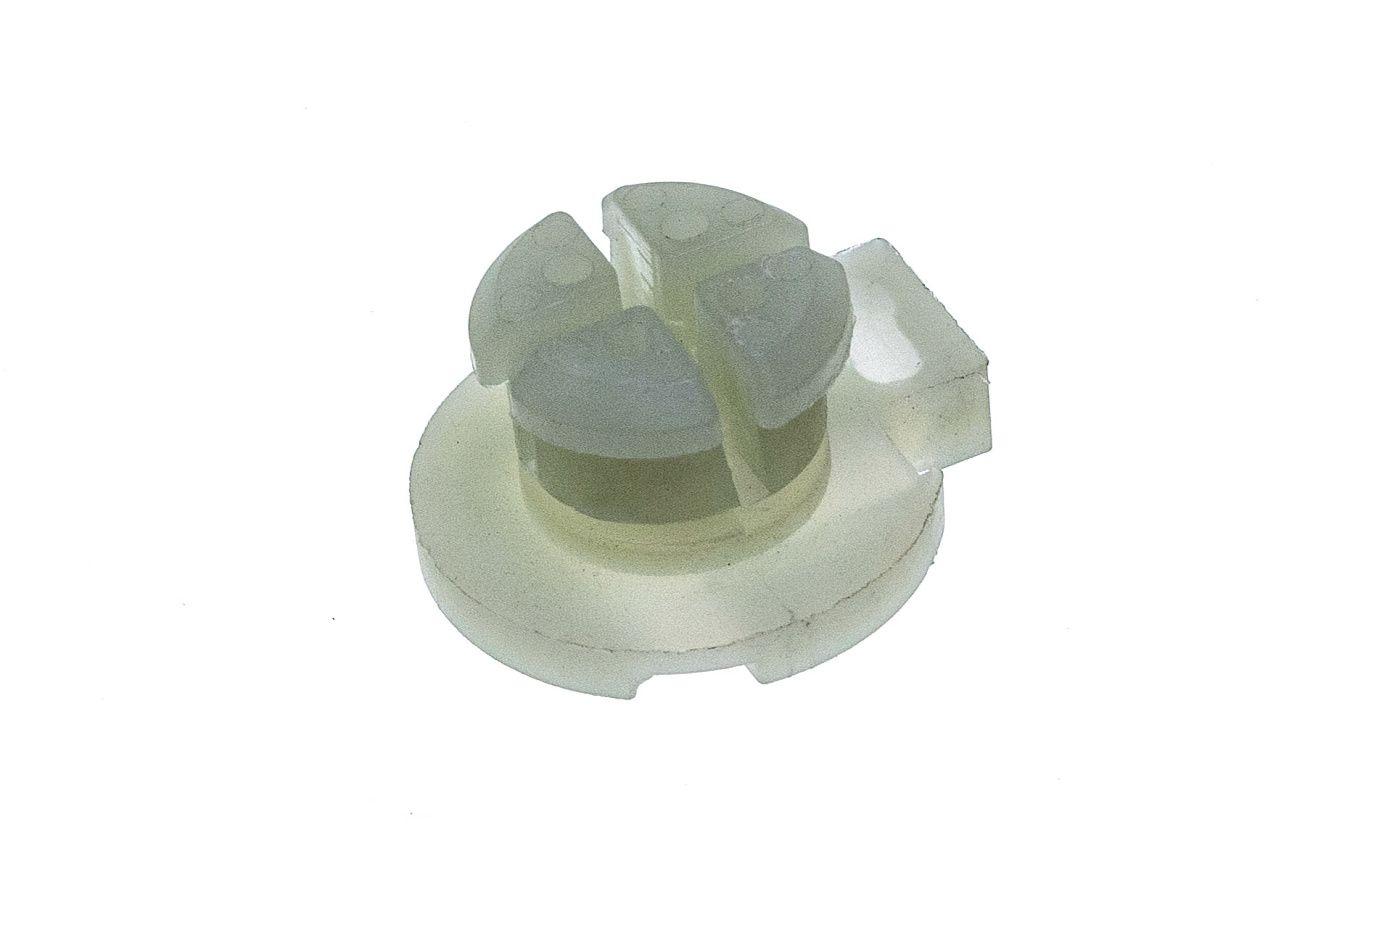 Kryt silenbloku Stihl MS340 MS360 034 036 (1125 791 7300)